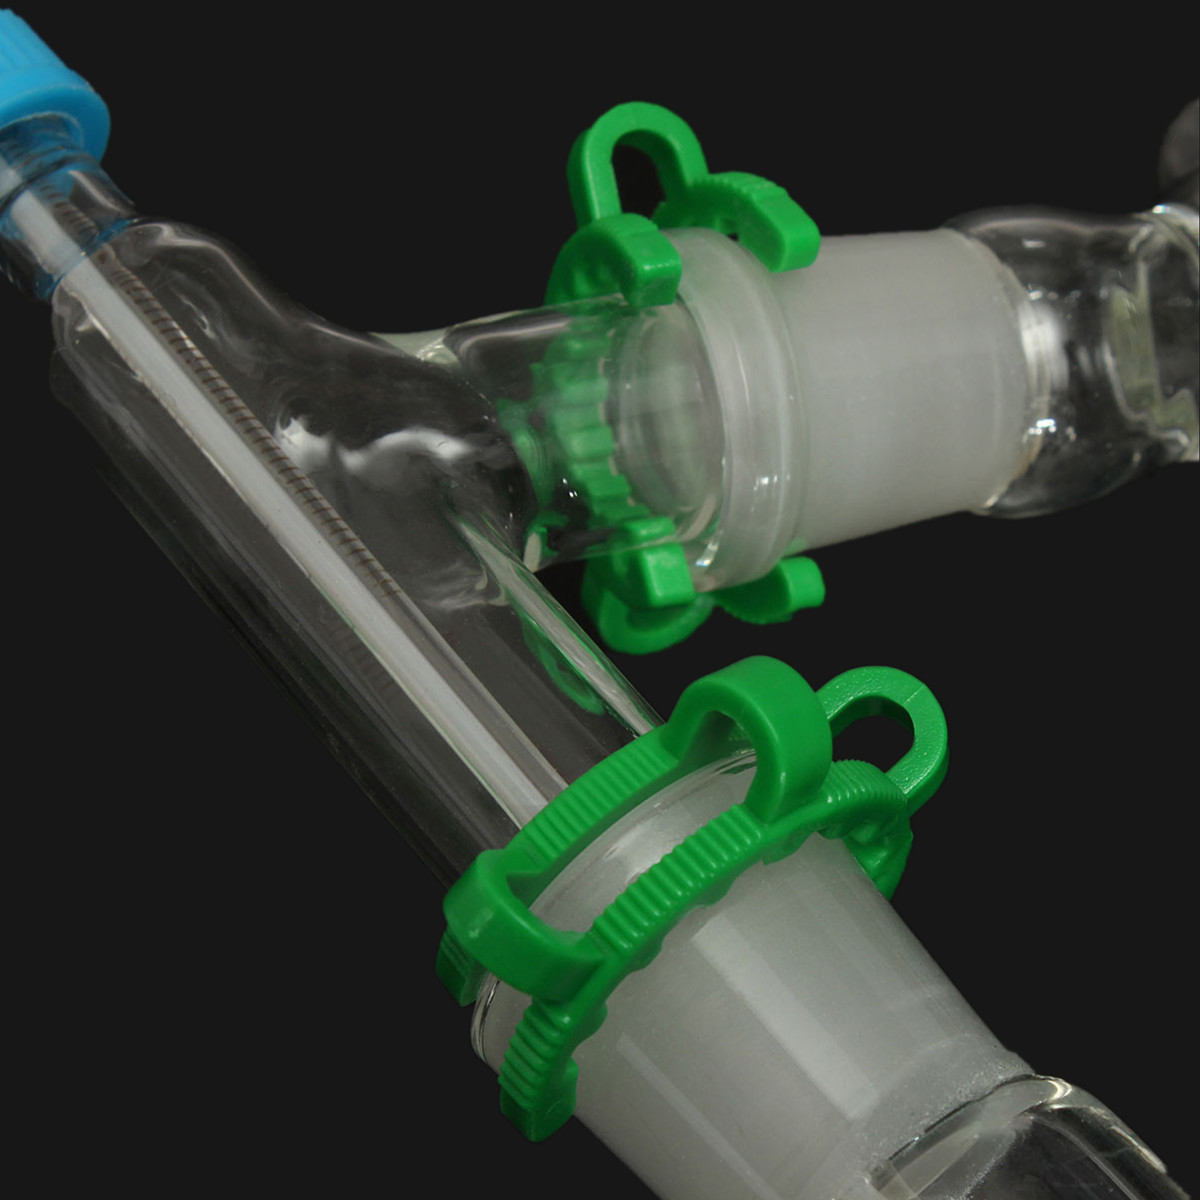 KICUTE 1000 ml appareil de Distillation laboratoire chimie verrerie Kit ensemble laboratoire de chimie verre Distillation appareil de Distillation 24/29 - 6